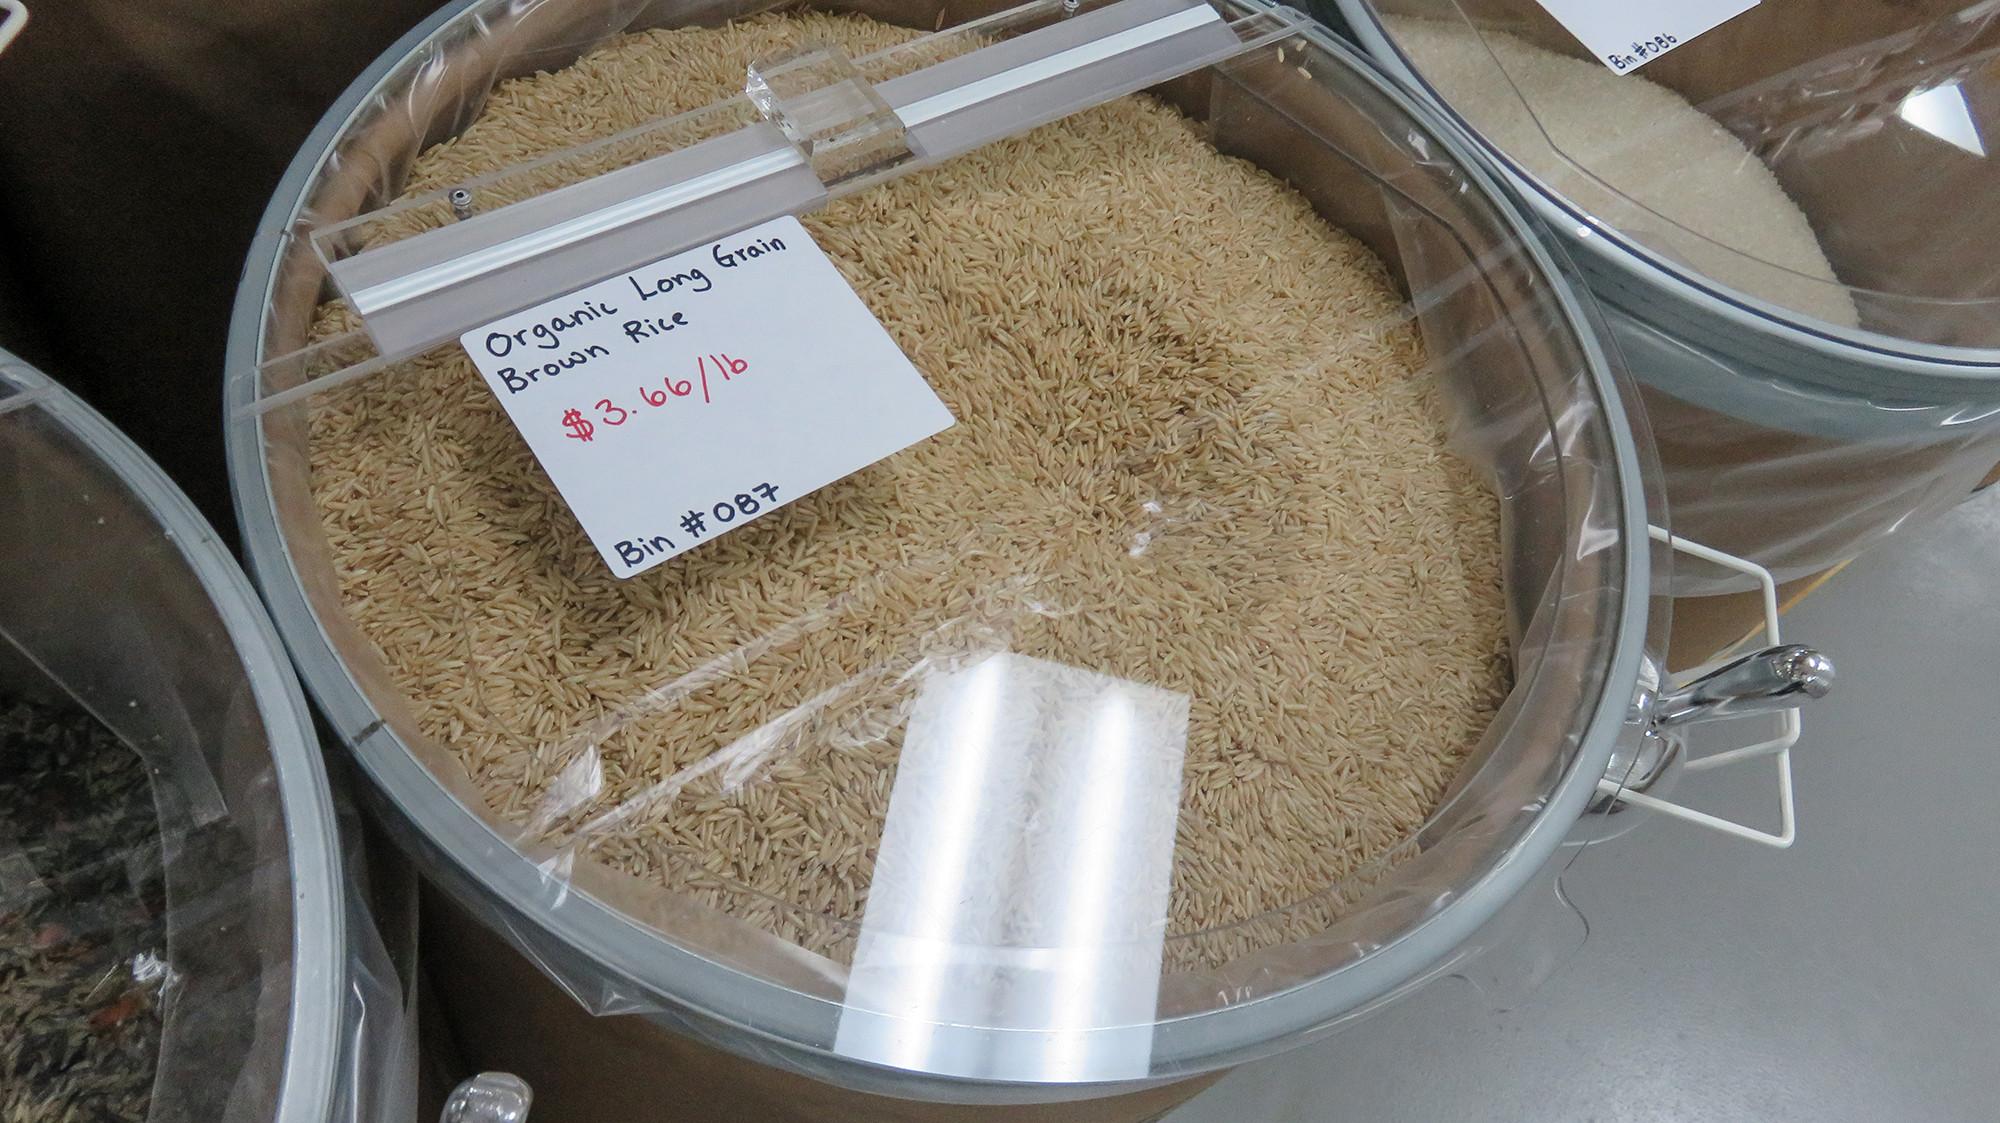 Bulk Organic Brown Rice  Dec 23 2016 – $3 66 LB for Organic Long Grain Brown Rice